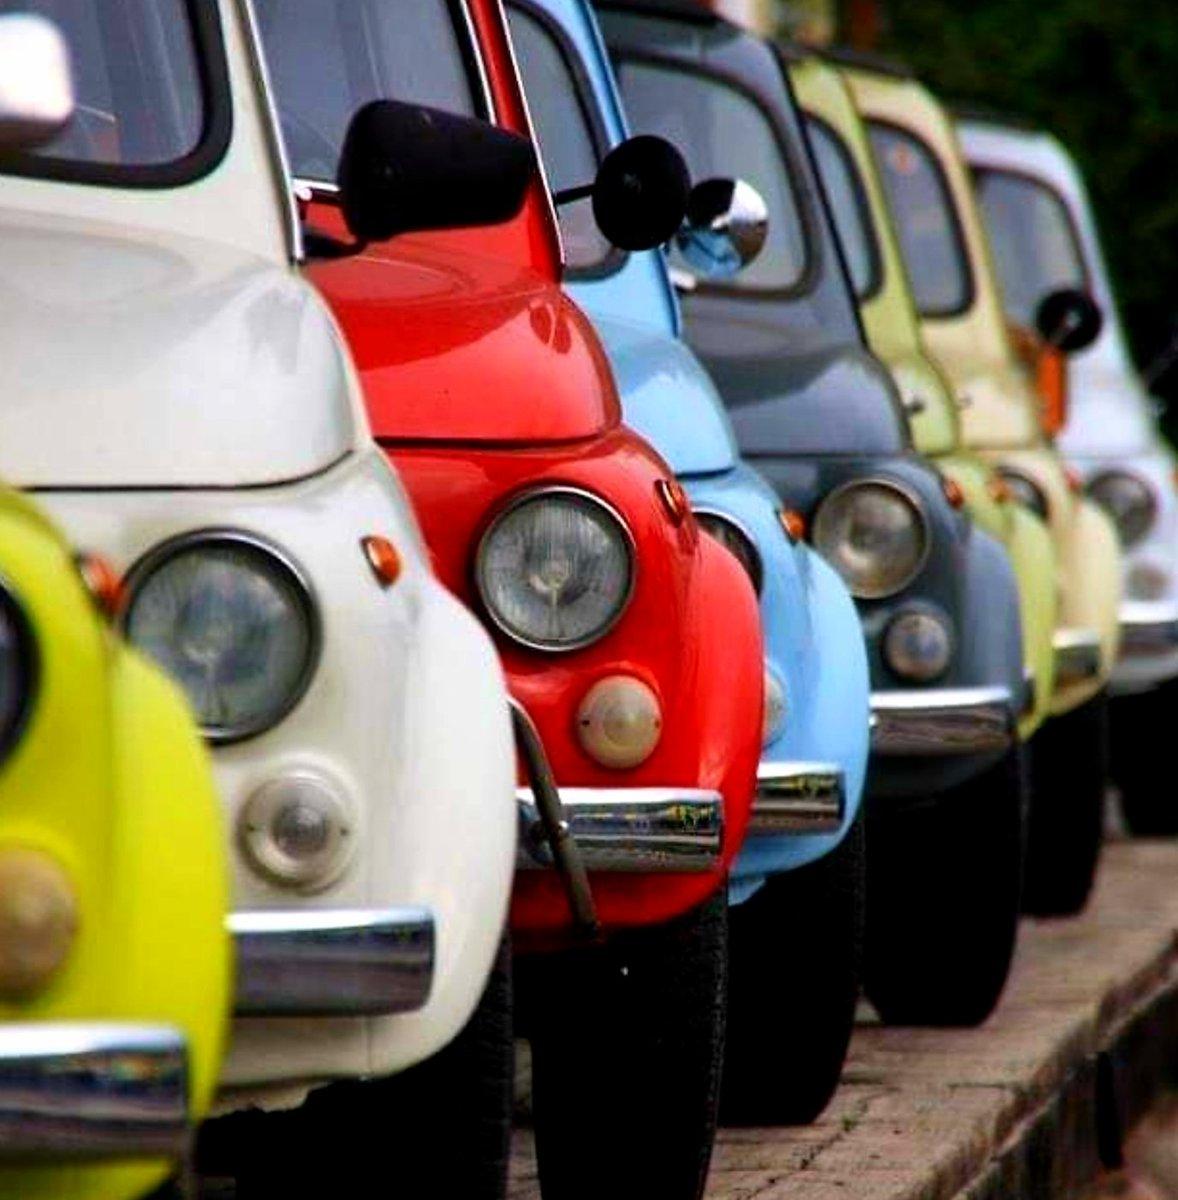 A queue of Fiat Cinquecento<br>http://pic.twitter.com/Kvz2oB87jx